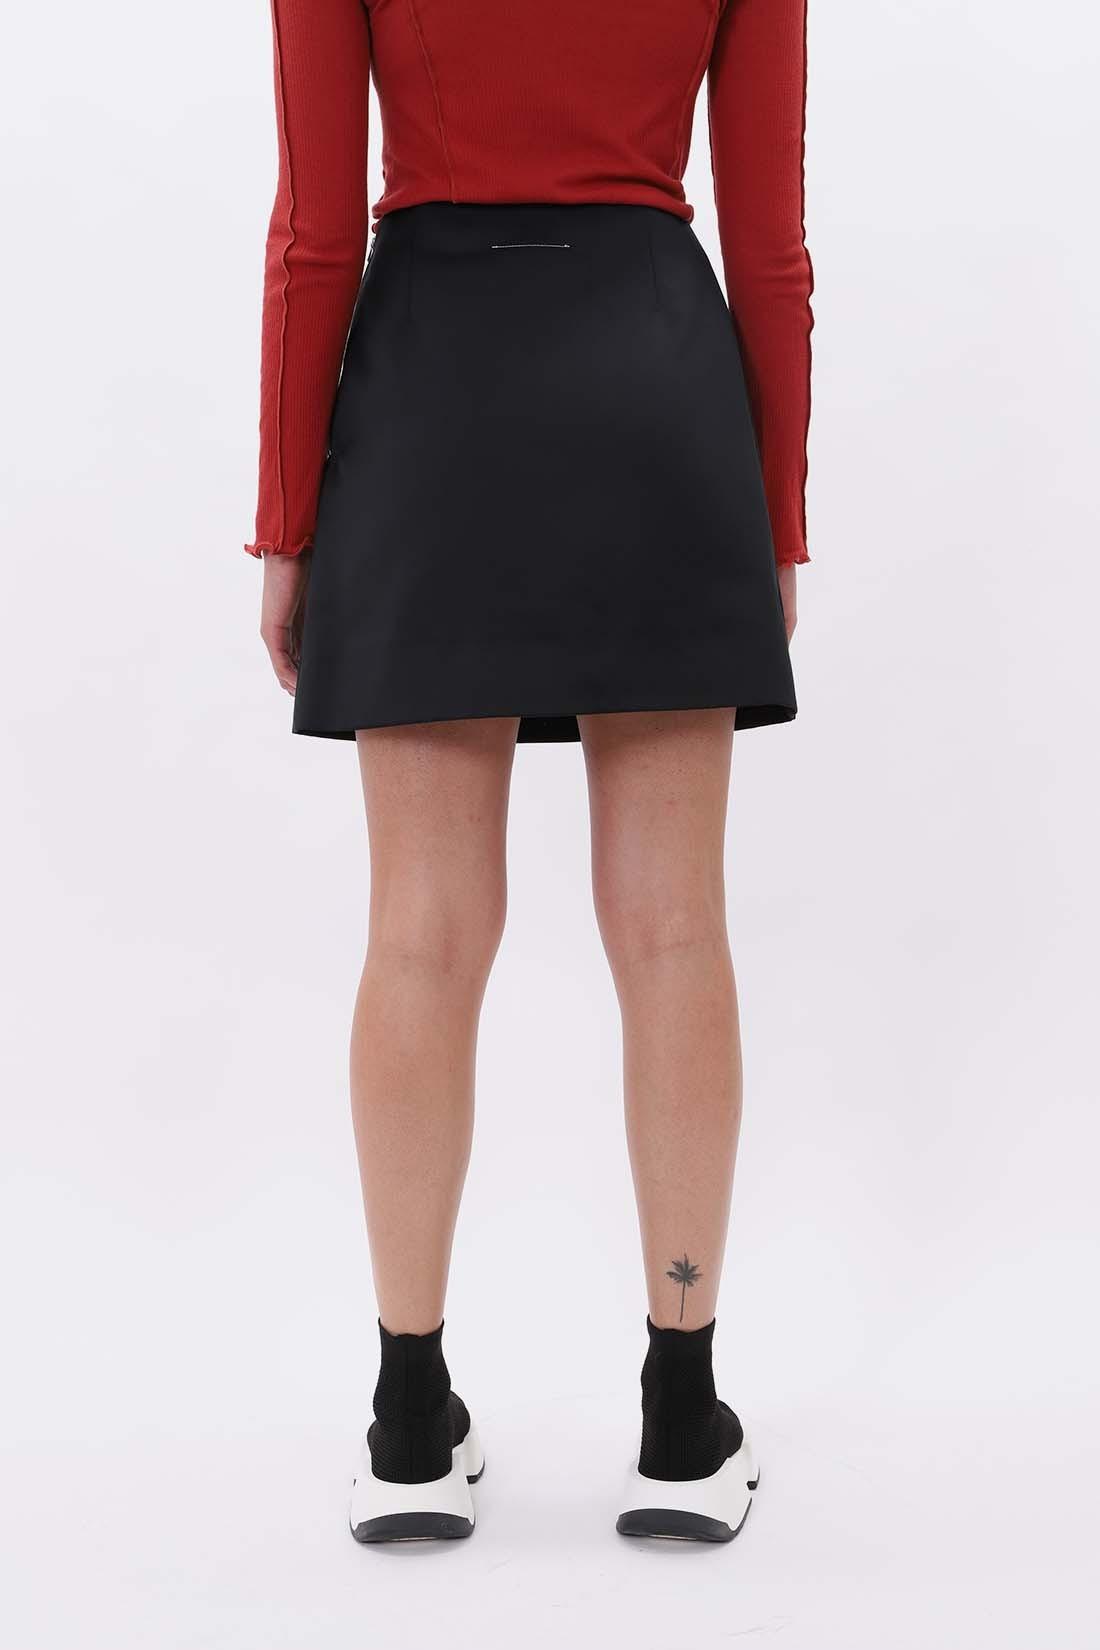 MM6 MAISON MARGIELA / Satin skirt Black